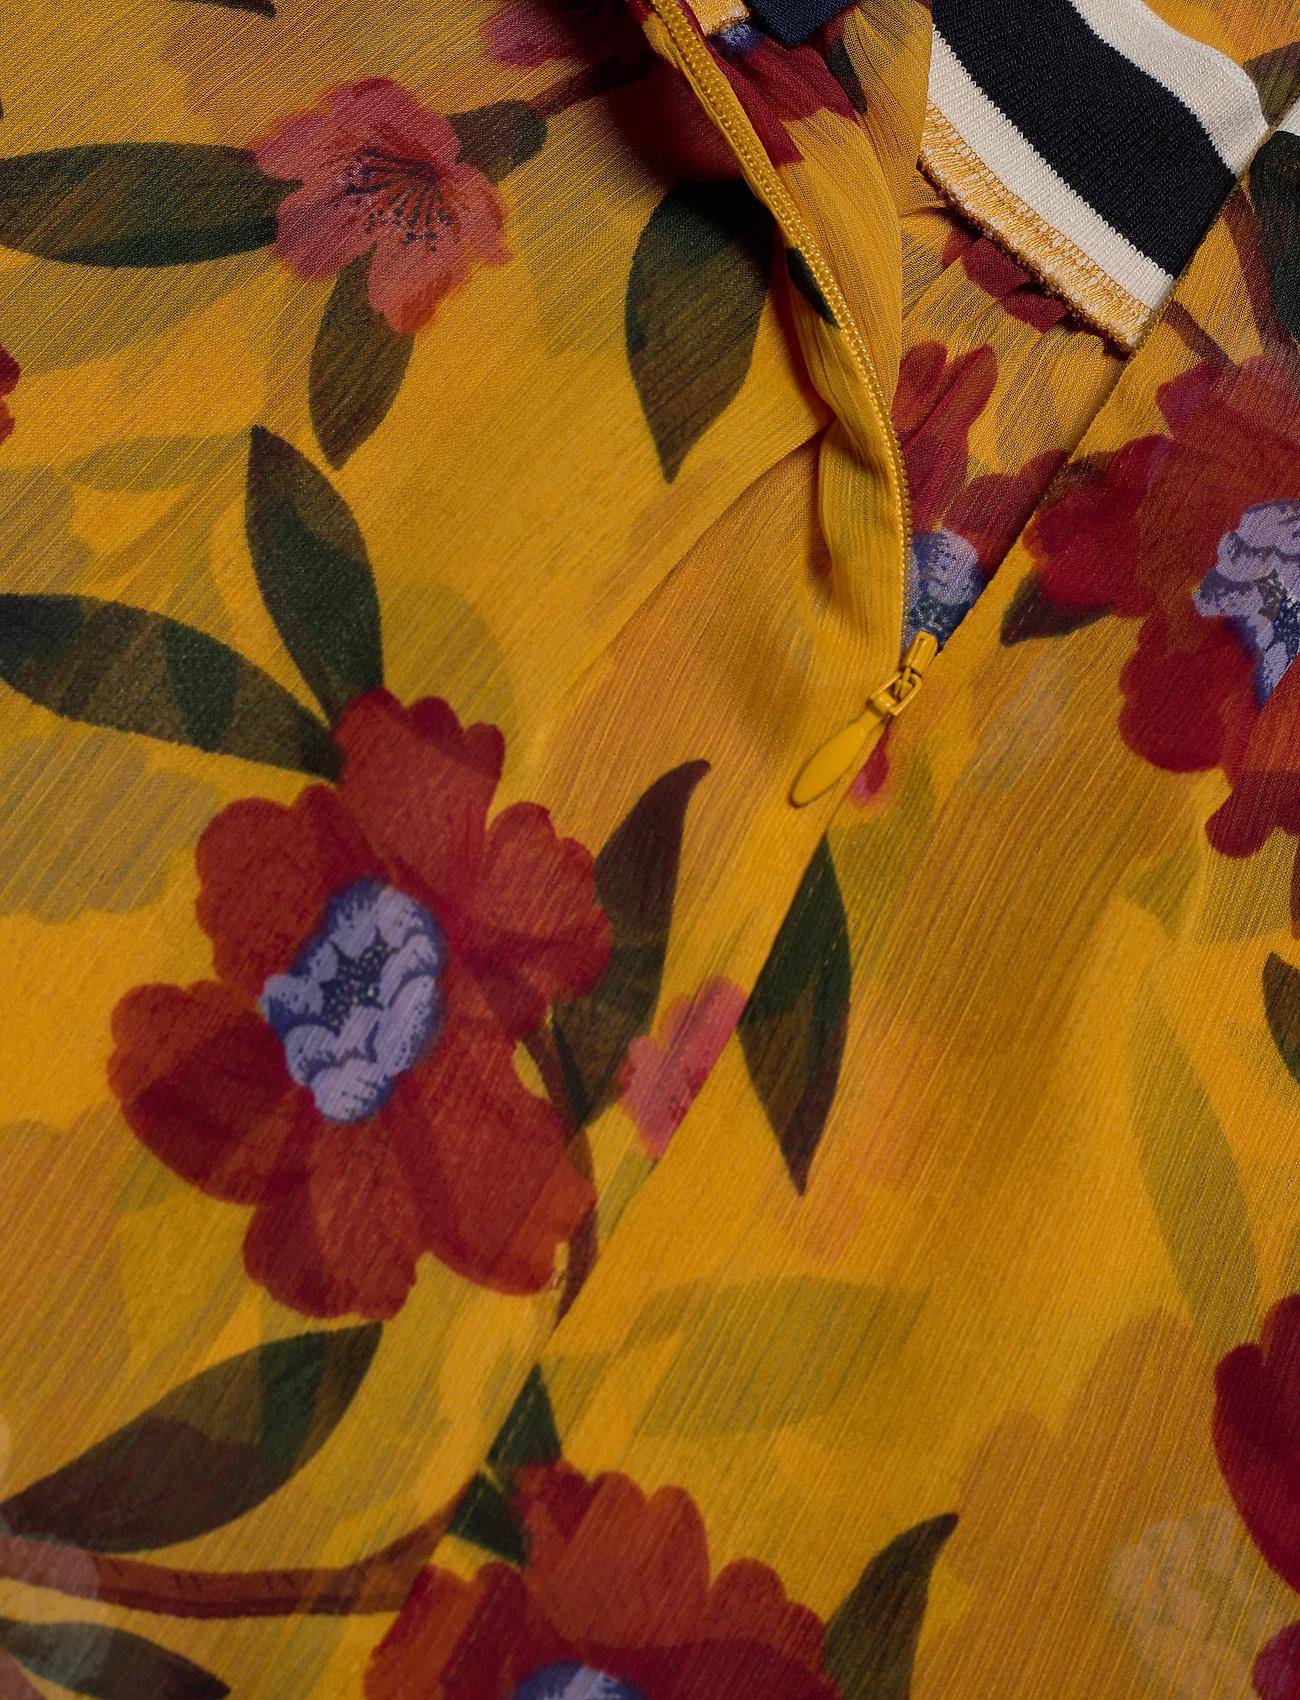 French Connection ELOISE CRINKLE L/S PRINTED TOP - Bluzki & Koszule MUSTARD SEEDS MULTI - Kobiety Odzież.